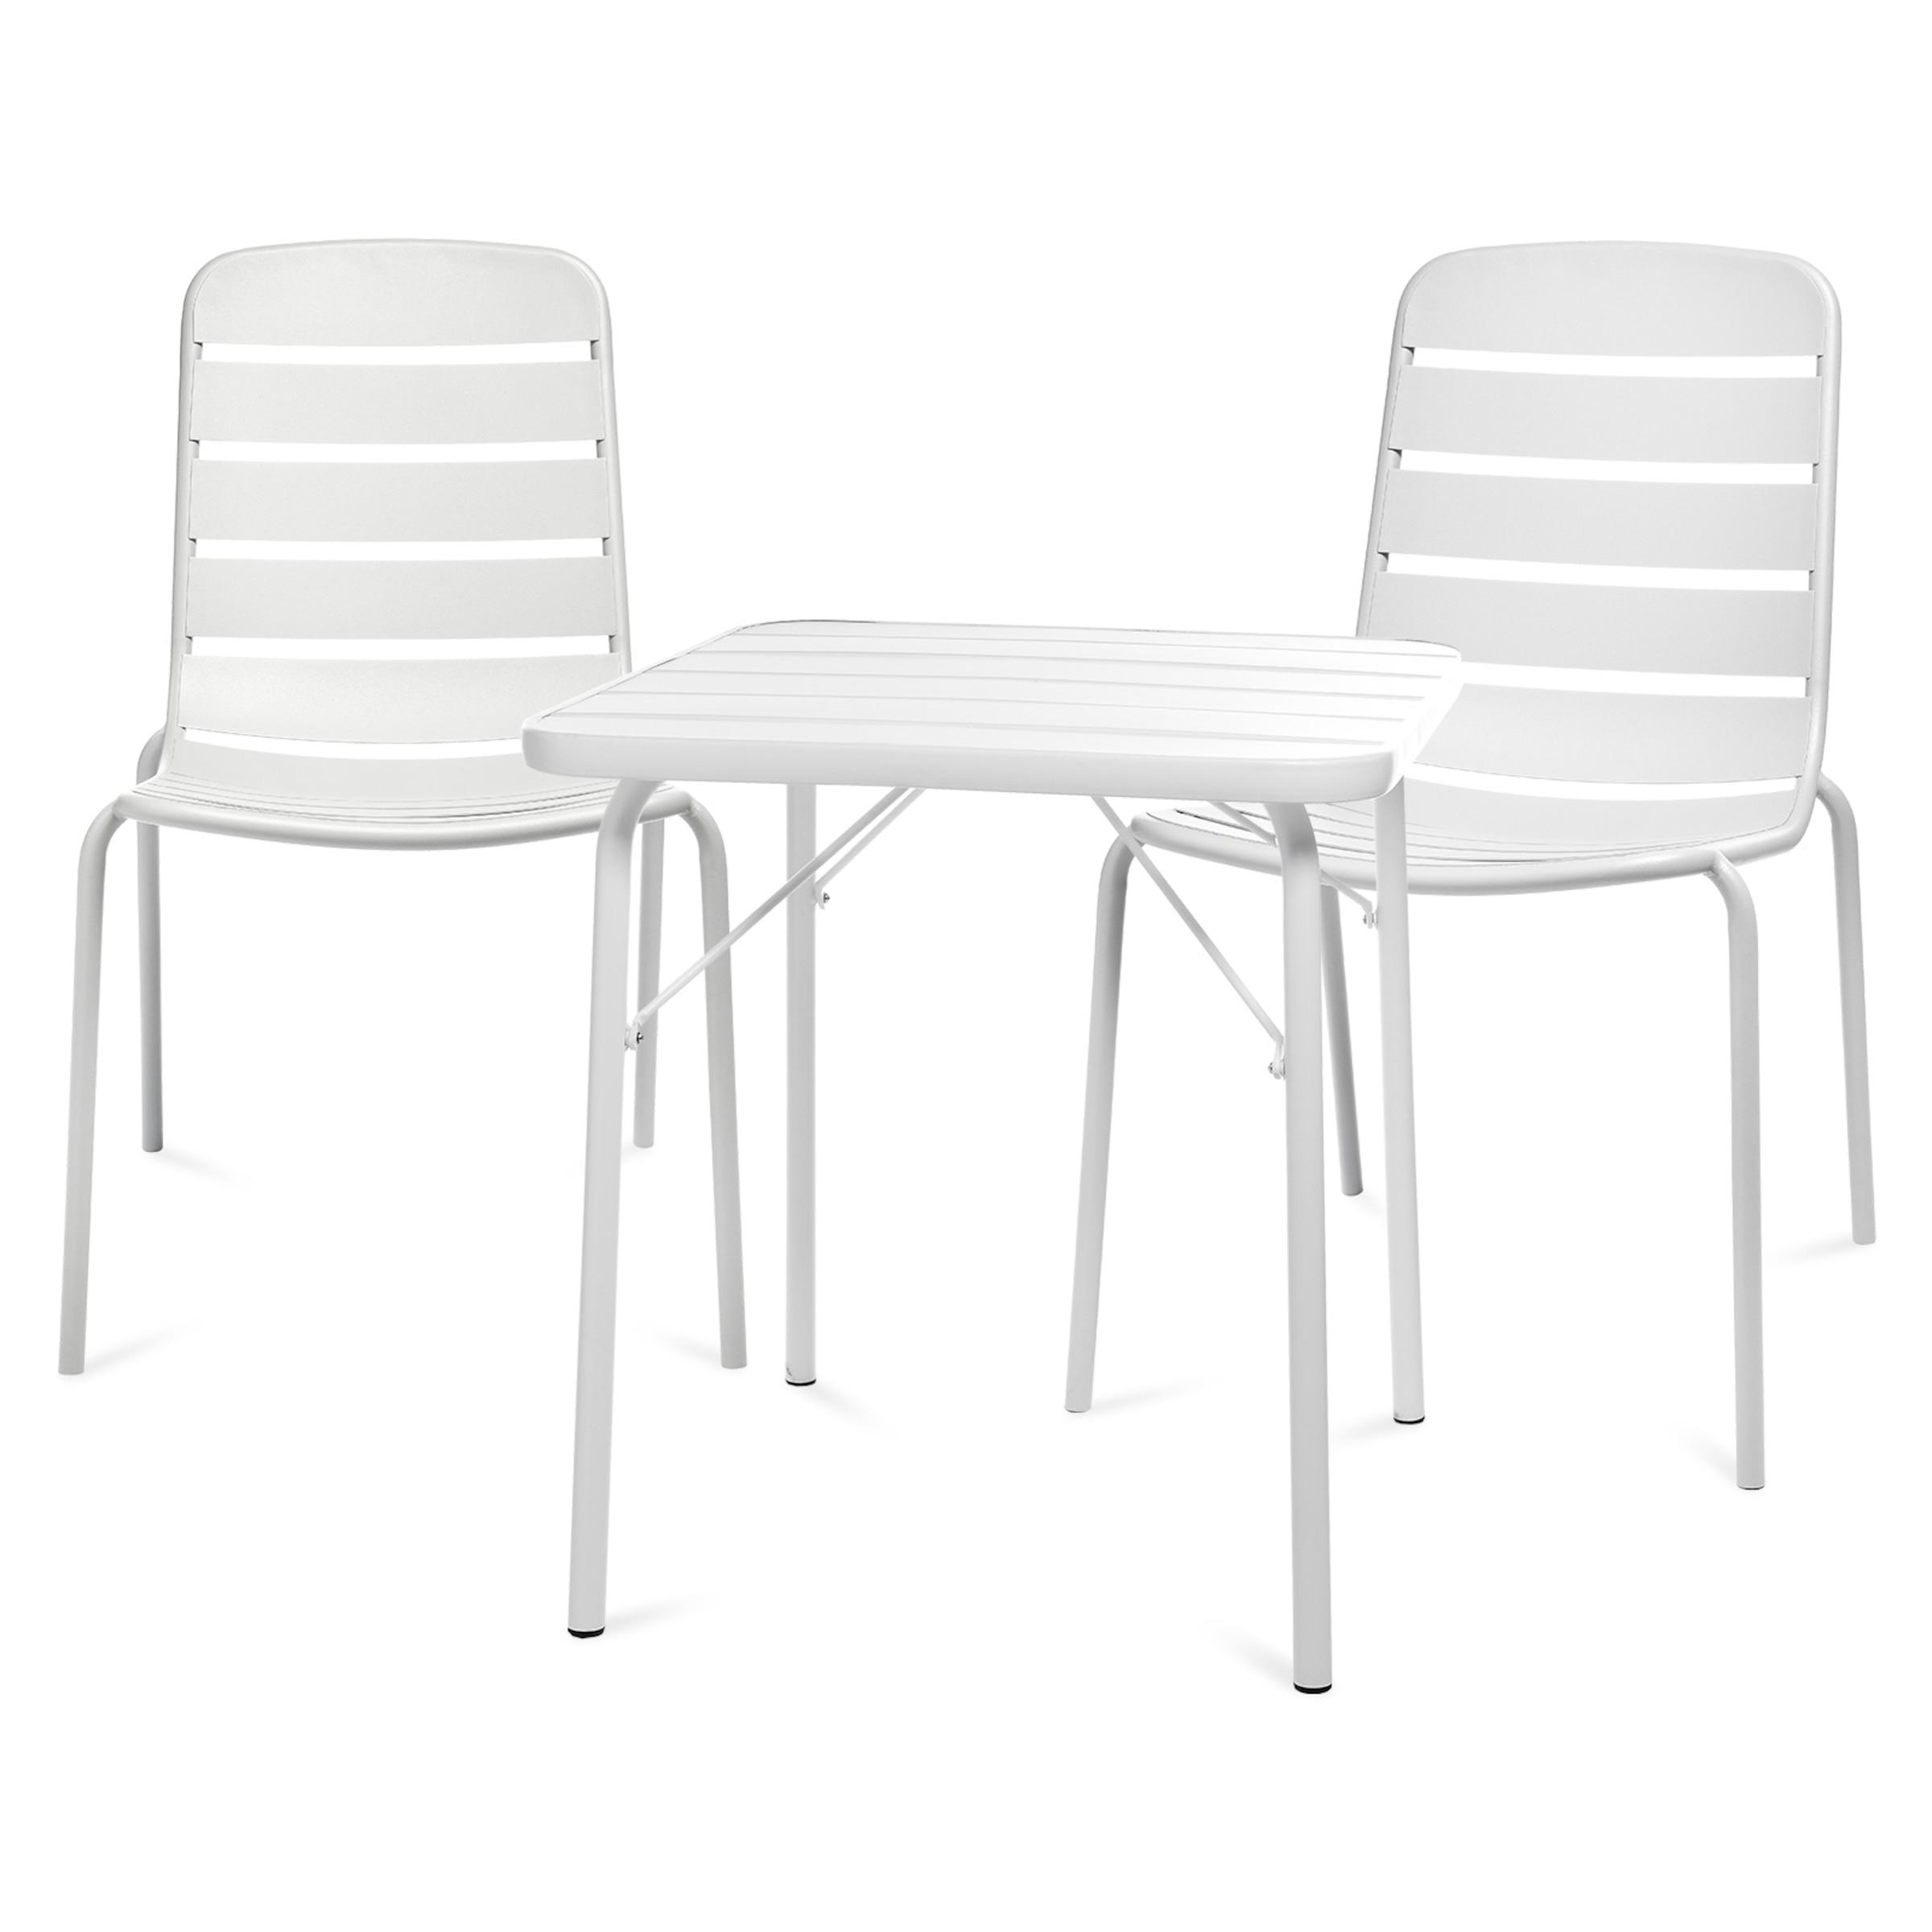 Outdoor-Sitzgruppe, 3-teilig